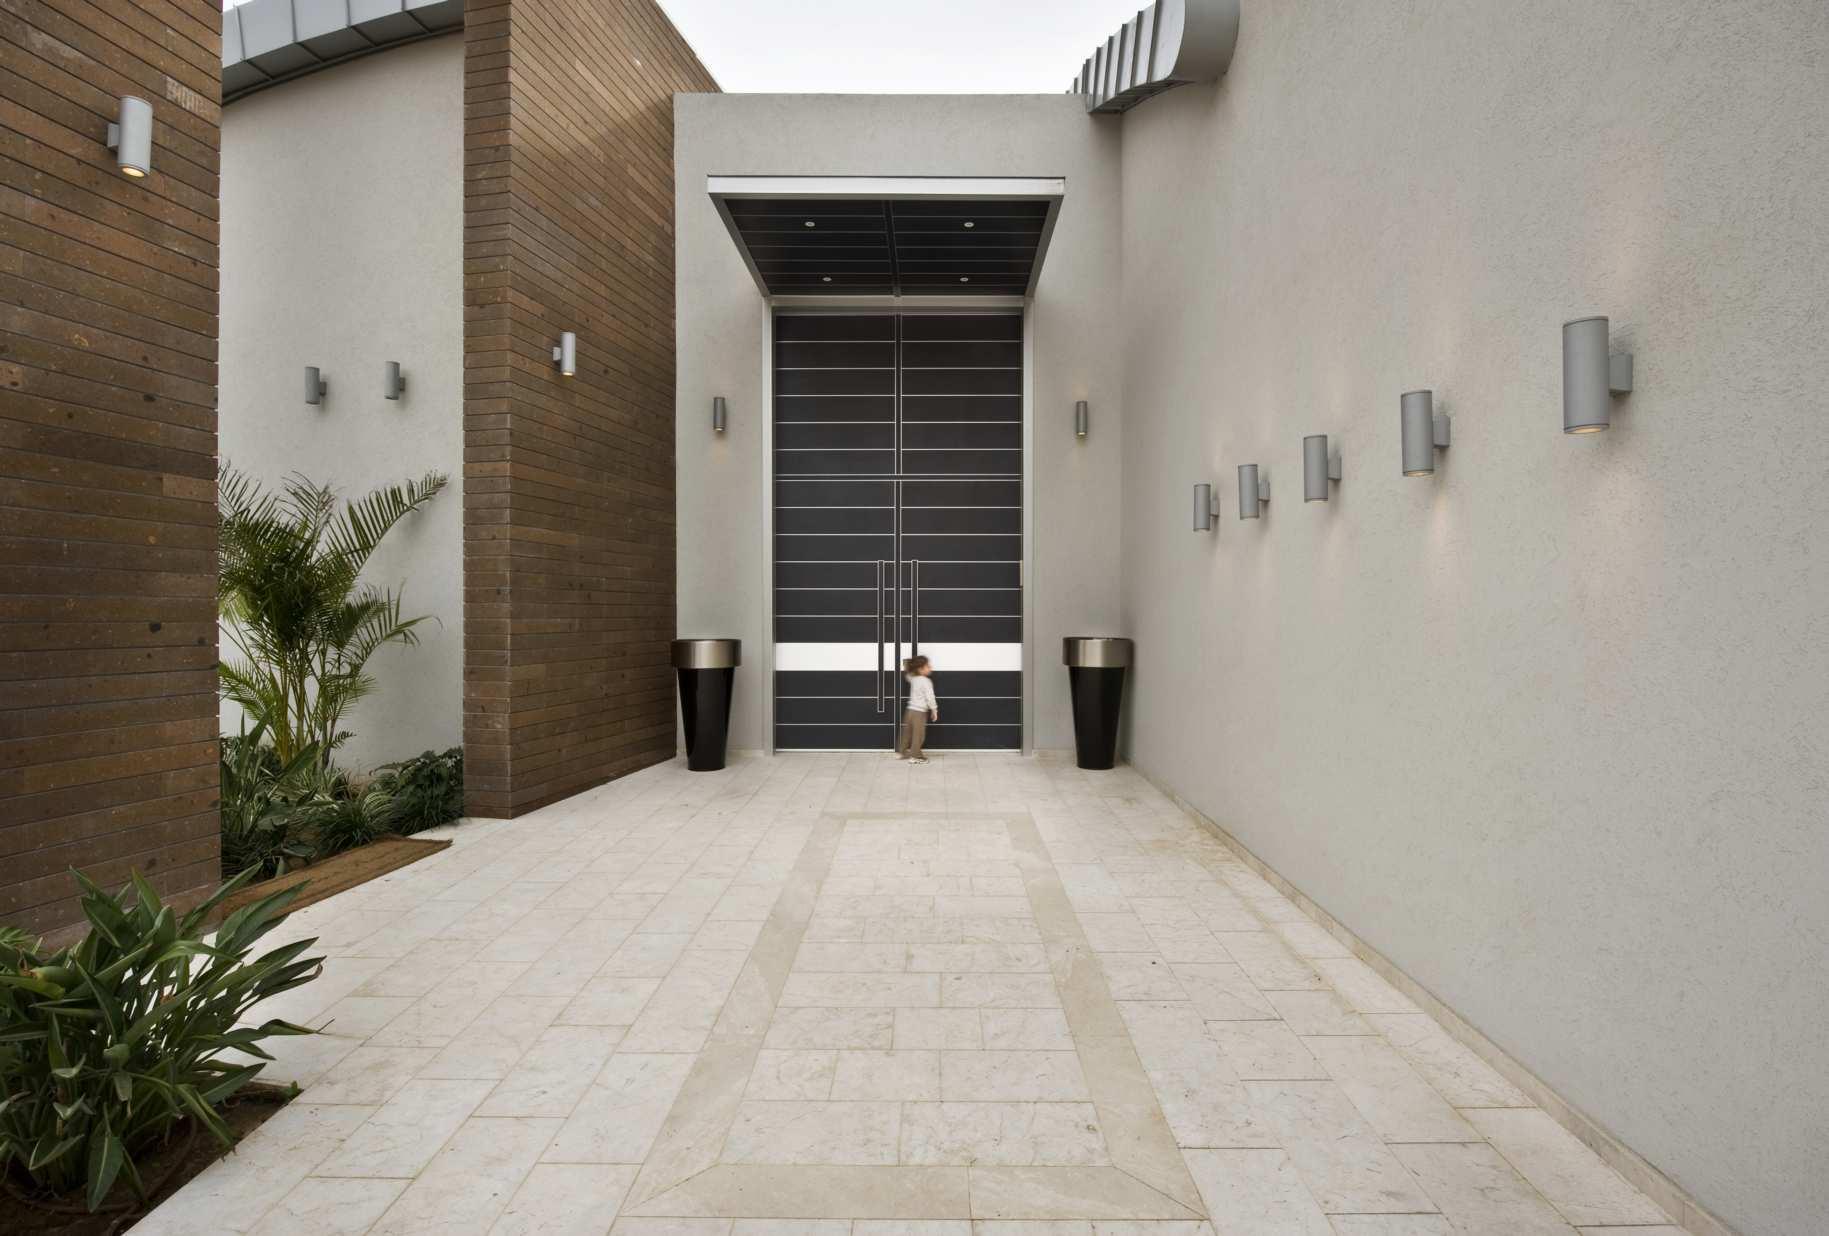 עיצוב פנים ואדריכלות בית בכפר מעש בתים יפים בישראל